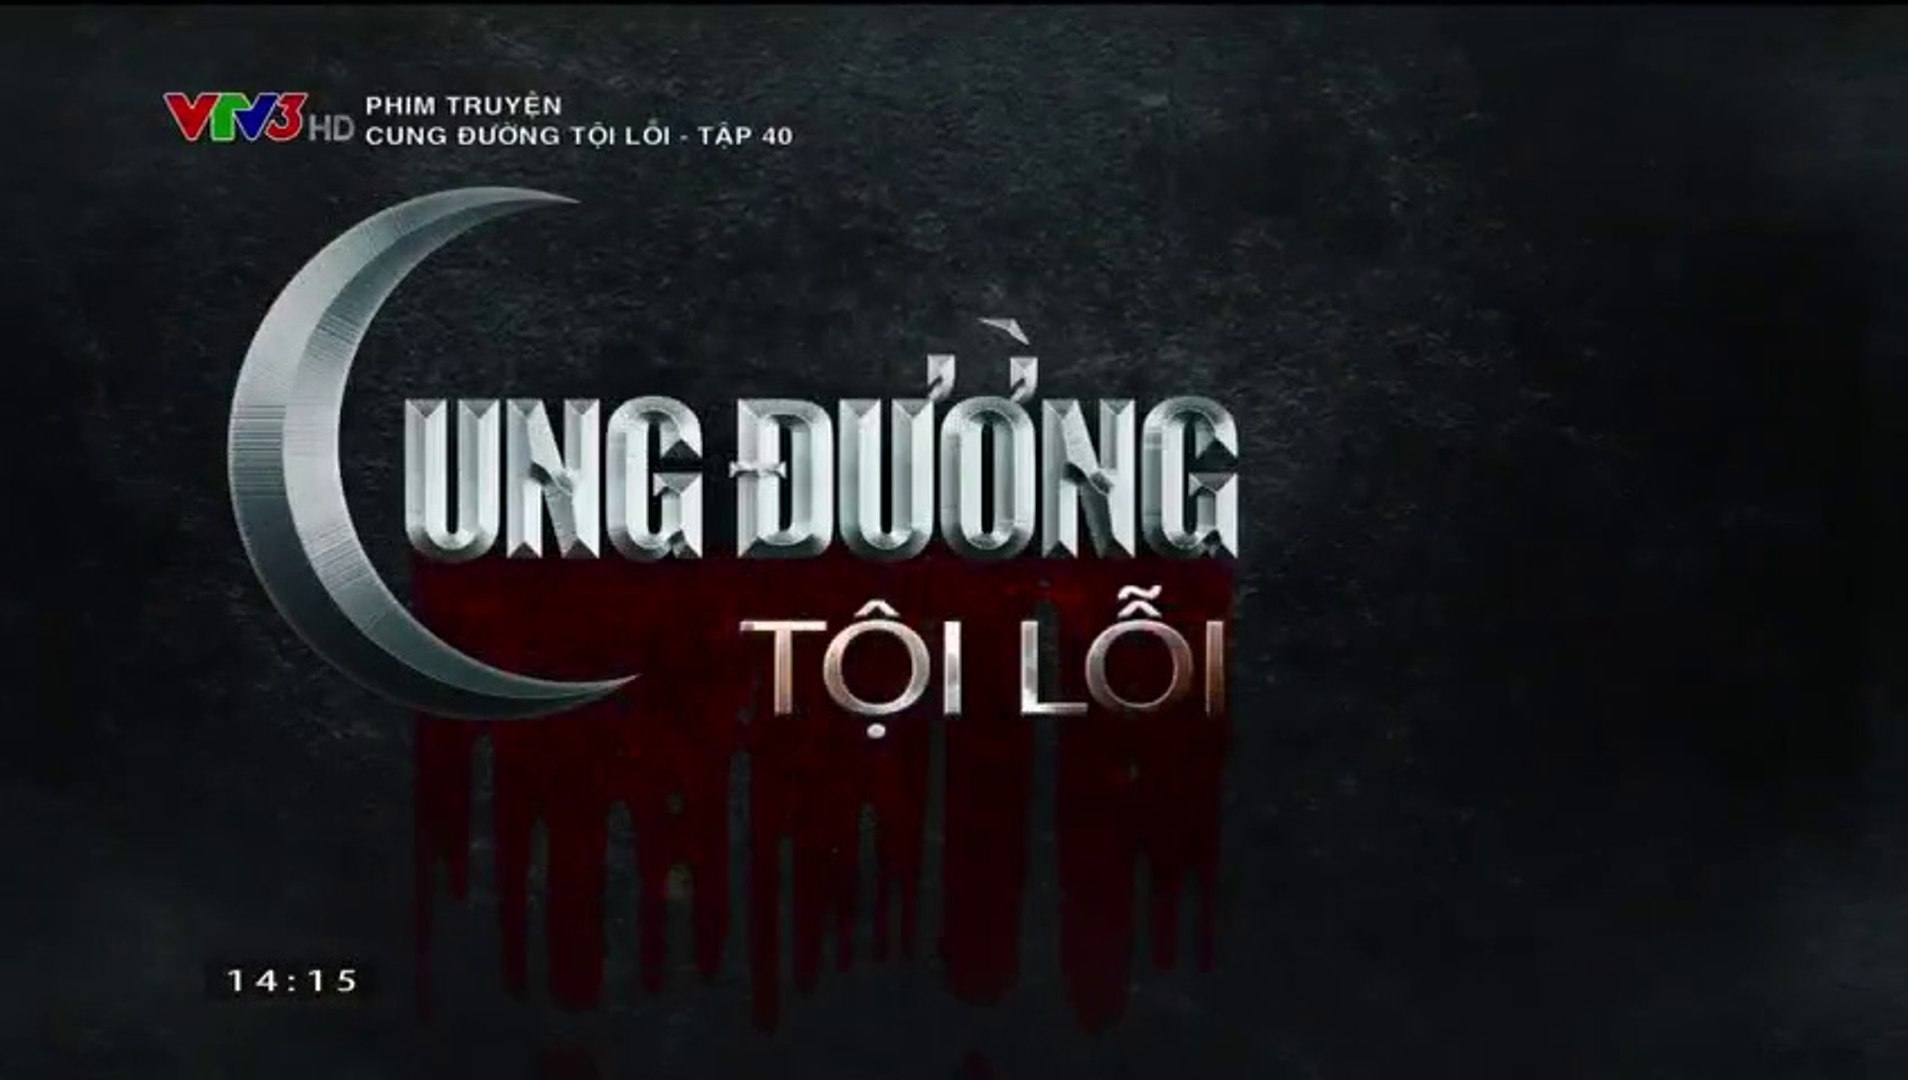 Cung Đường Tội Lỗi Tập 40 - (Bản Chuẩn Full - Phim Việt Nam VTV3) - Ngày 9/12/2018 - Cung Duong Toi